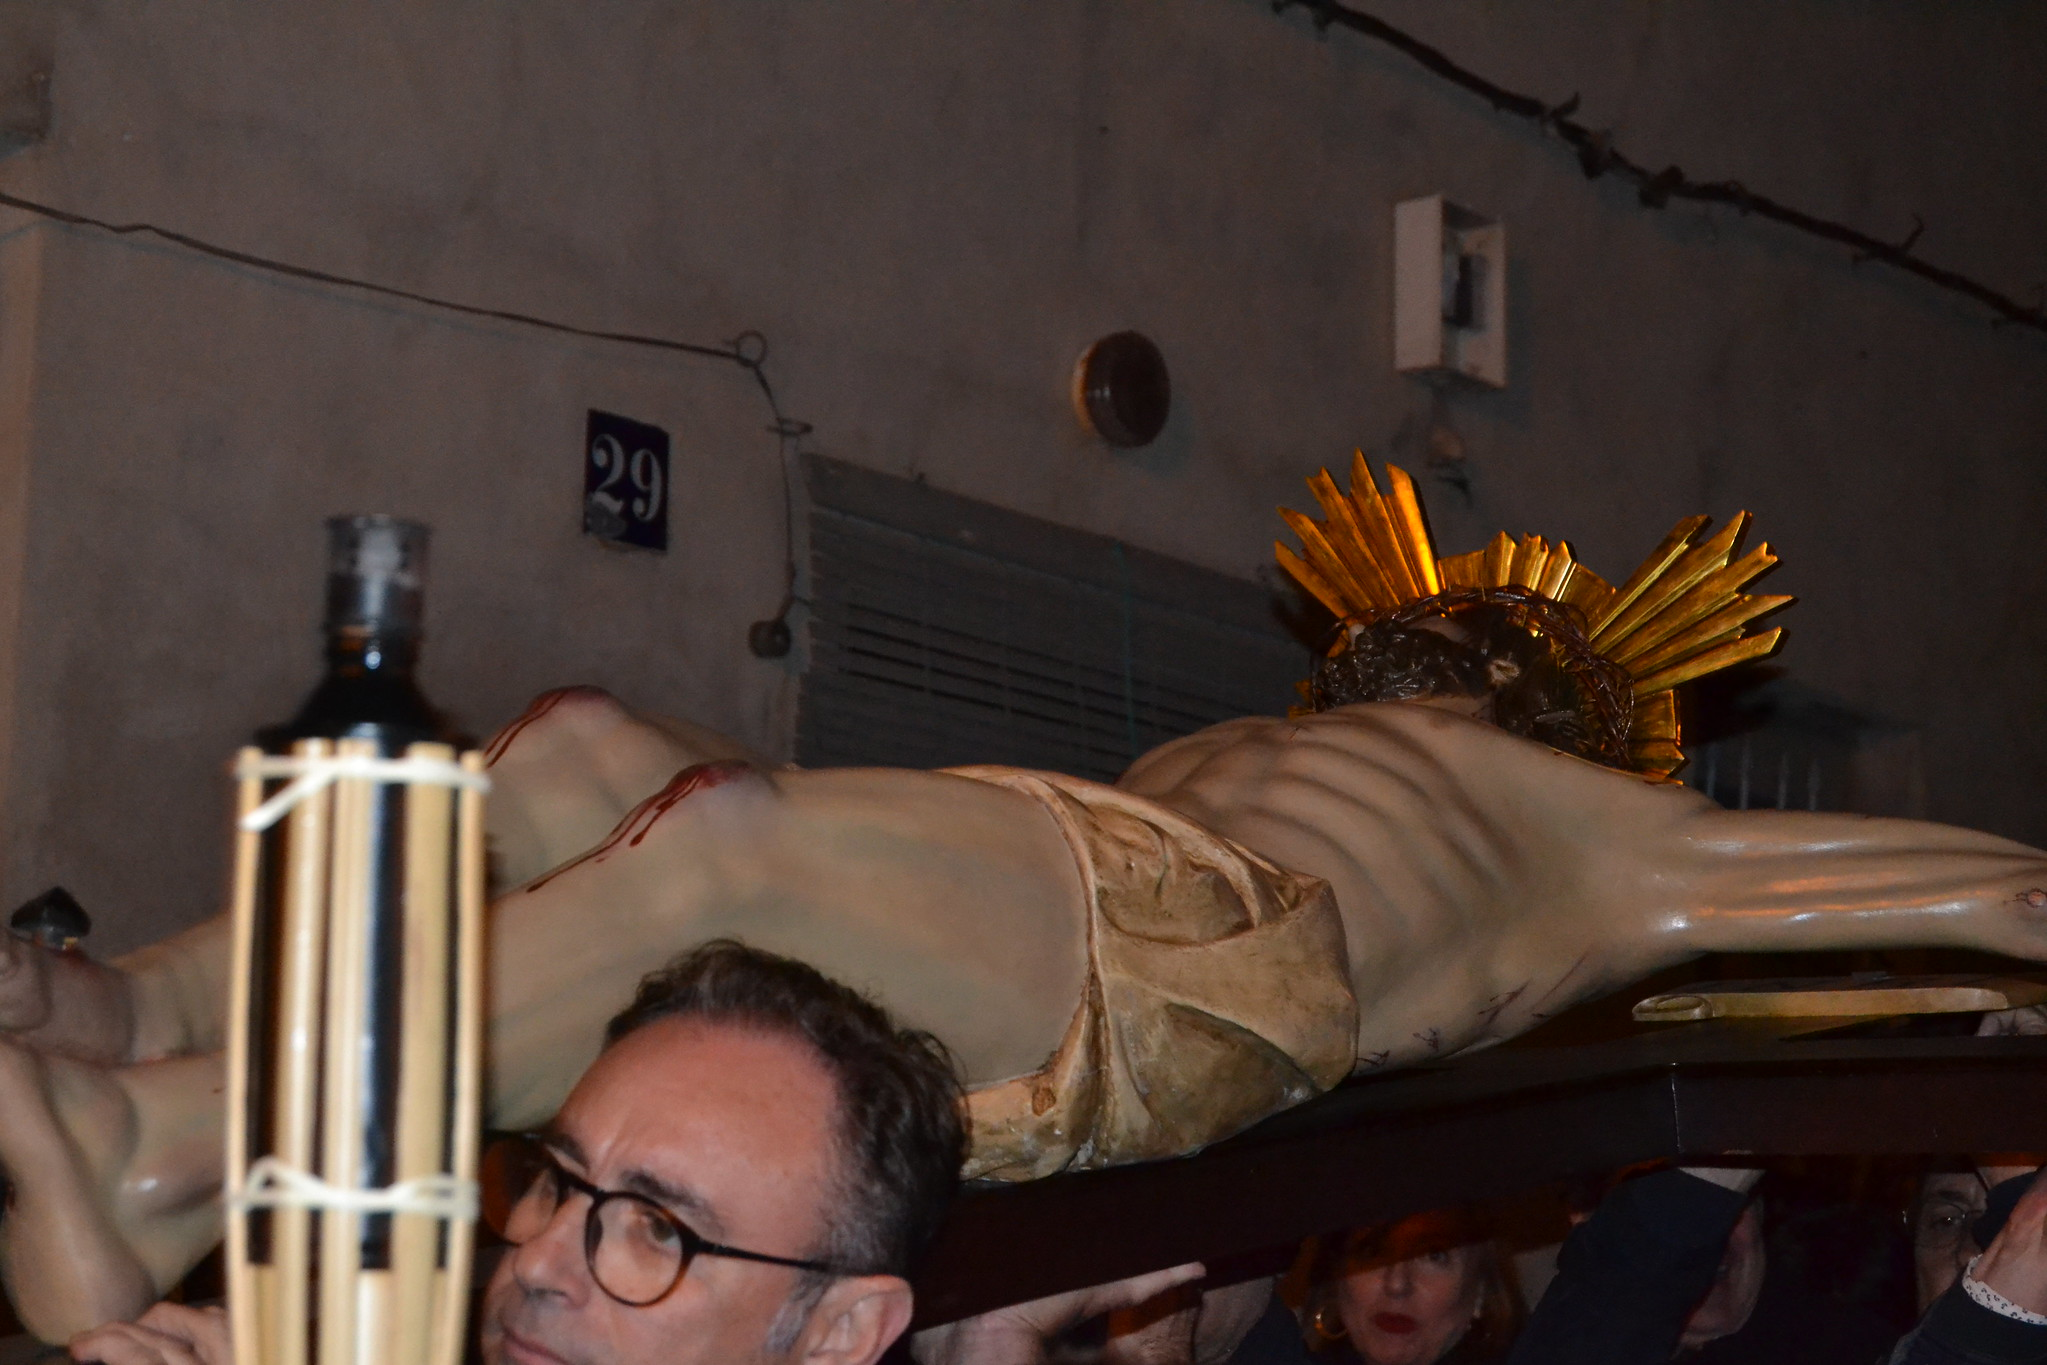 (2019-04-12) - X Vía Crucis nocturno - Diario El Carrer (02)